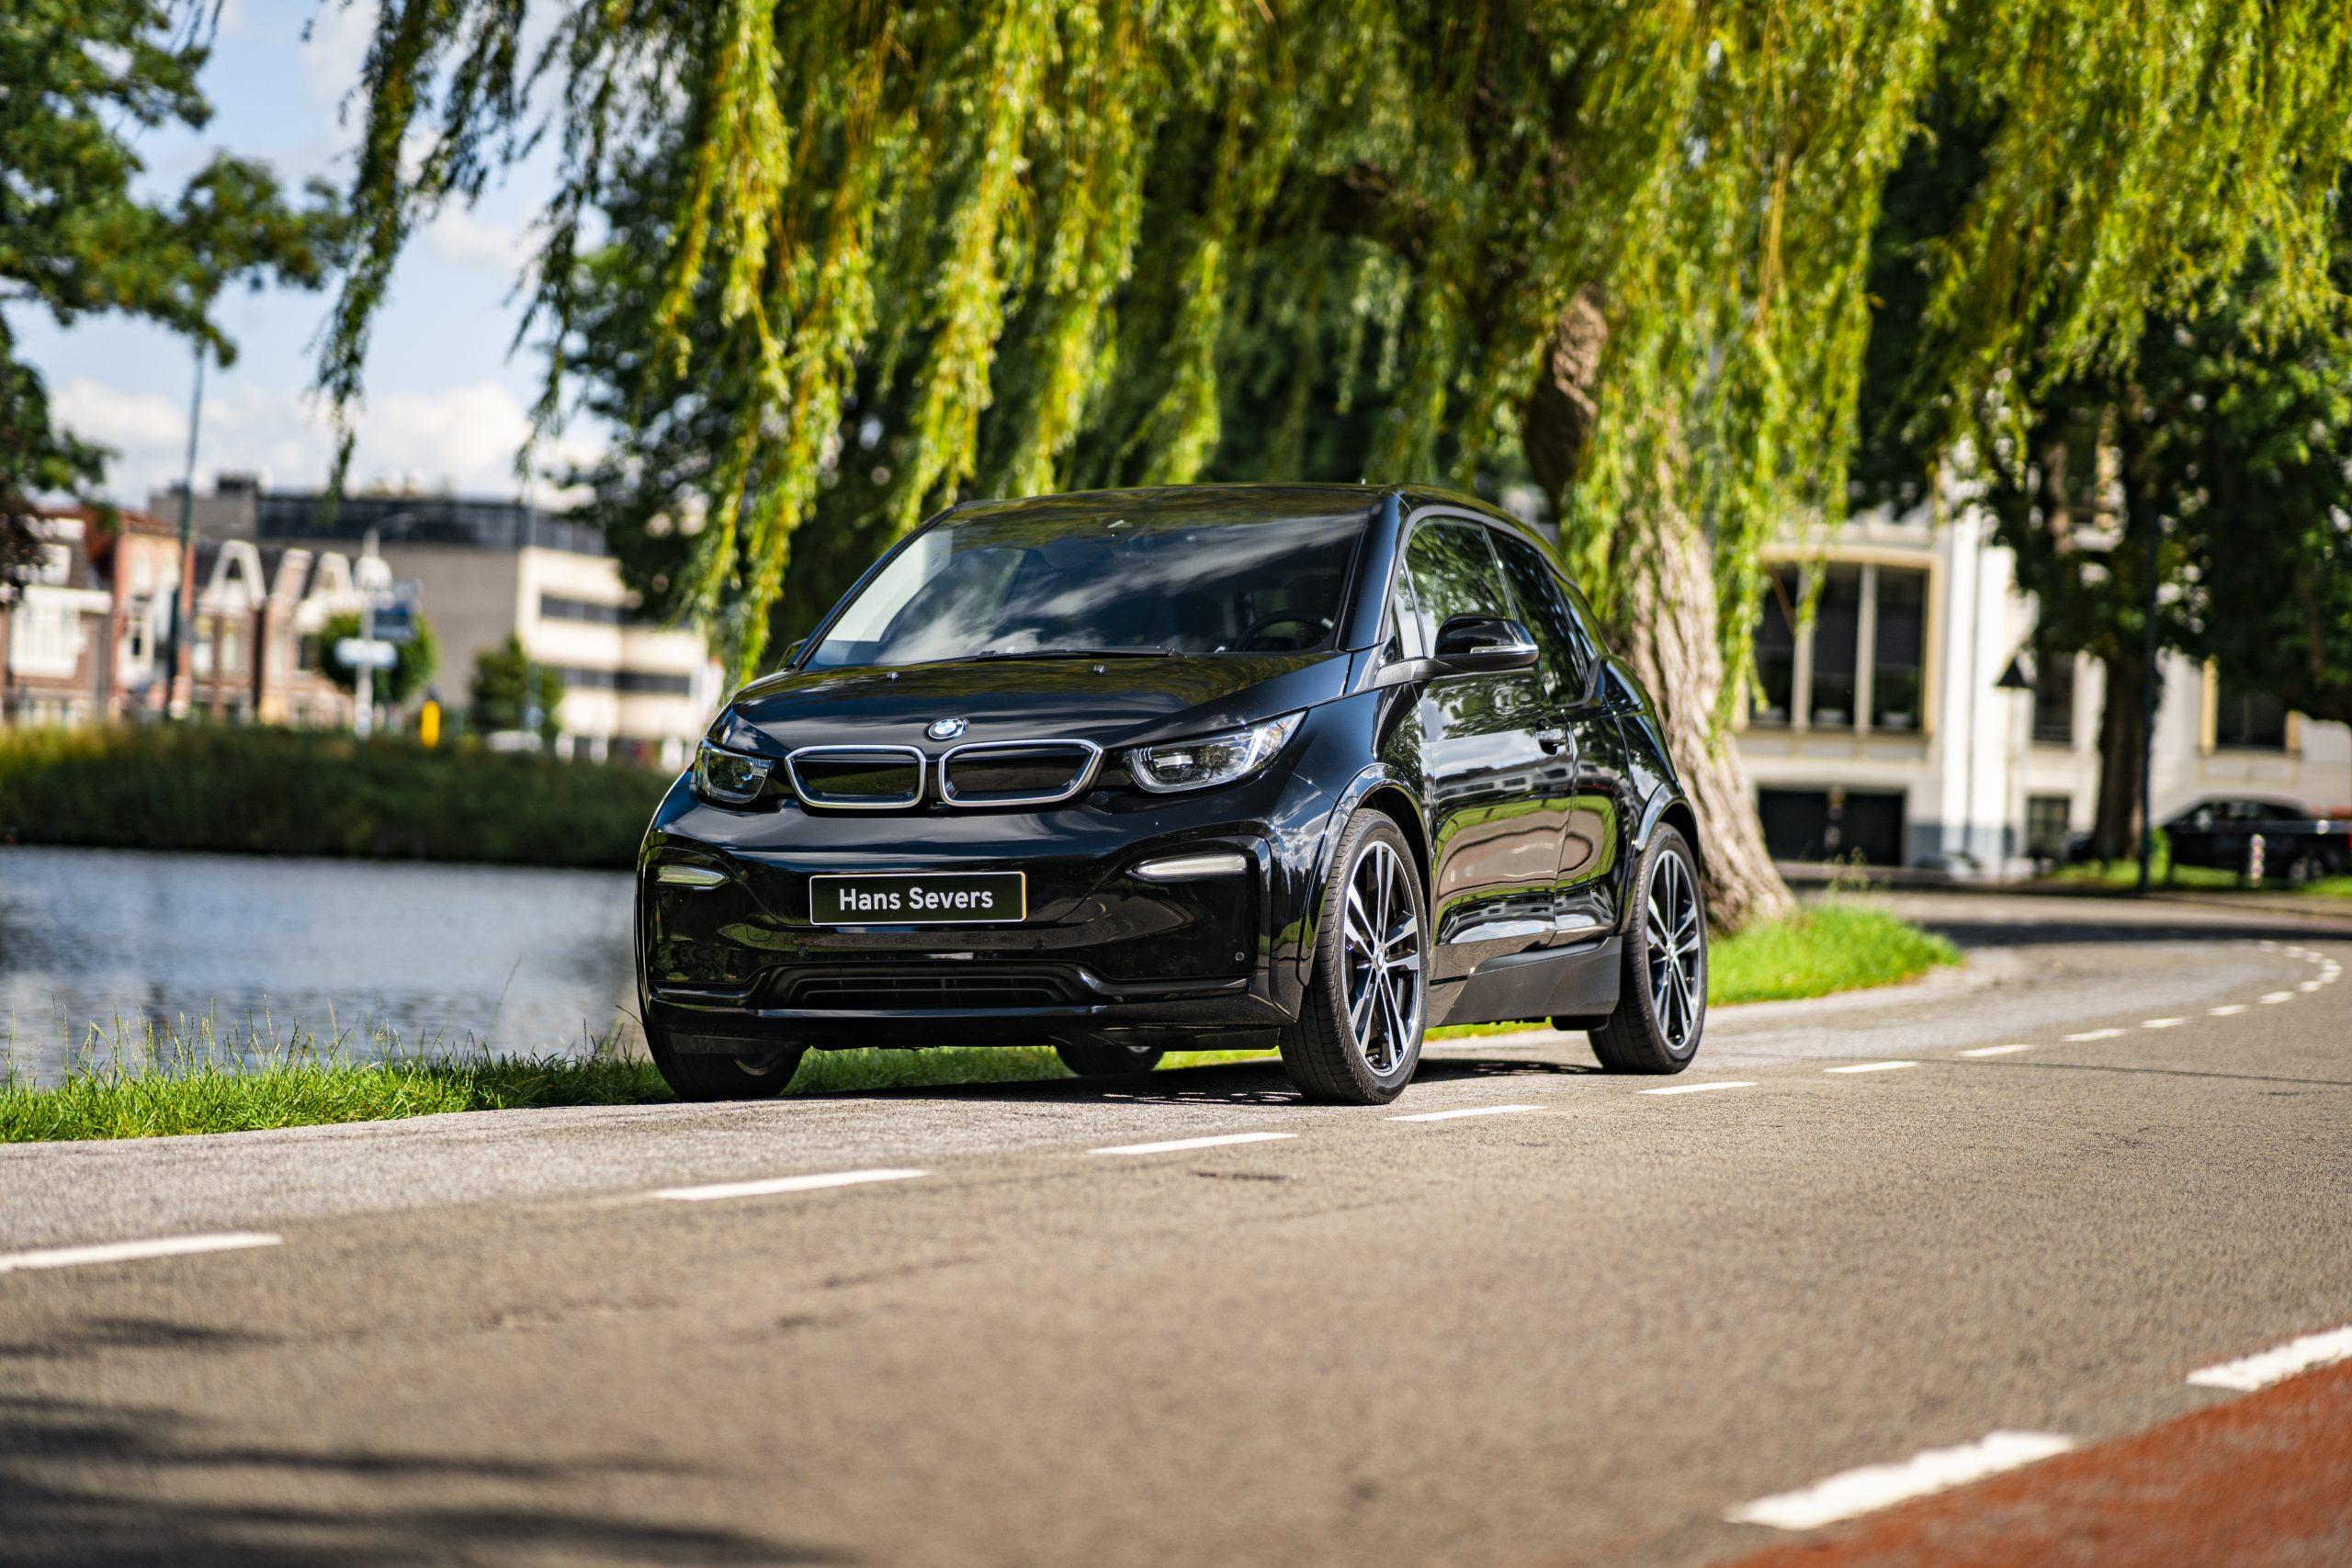 De BMW i3